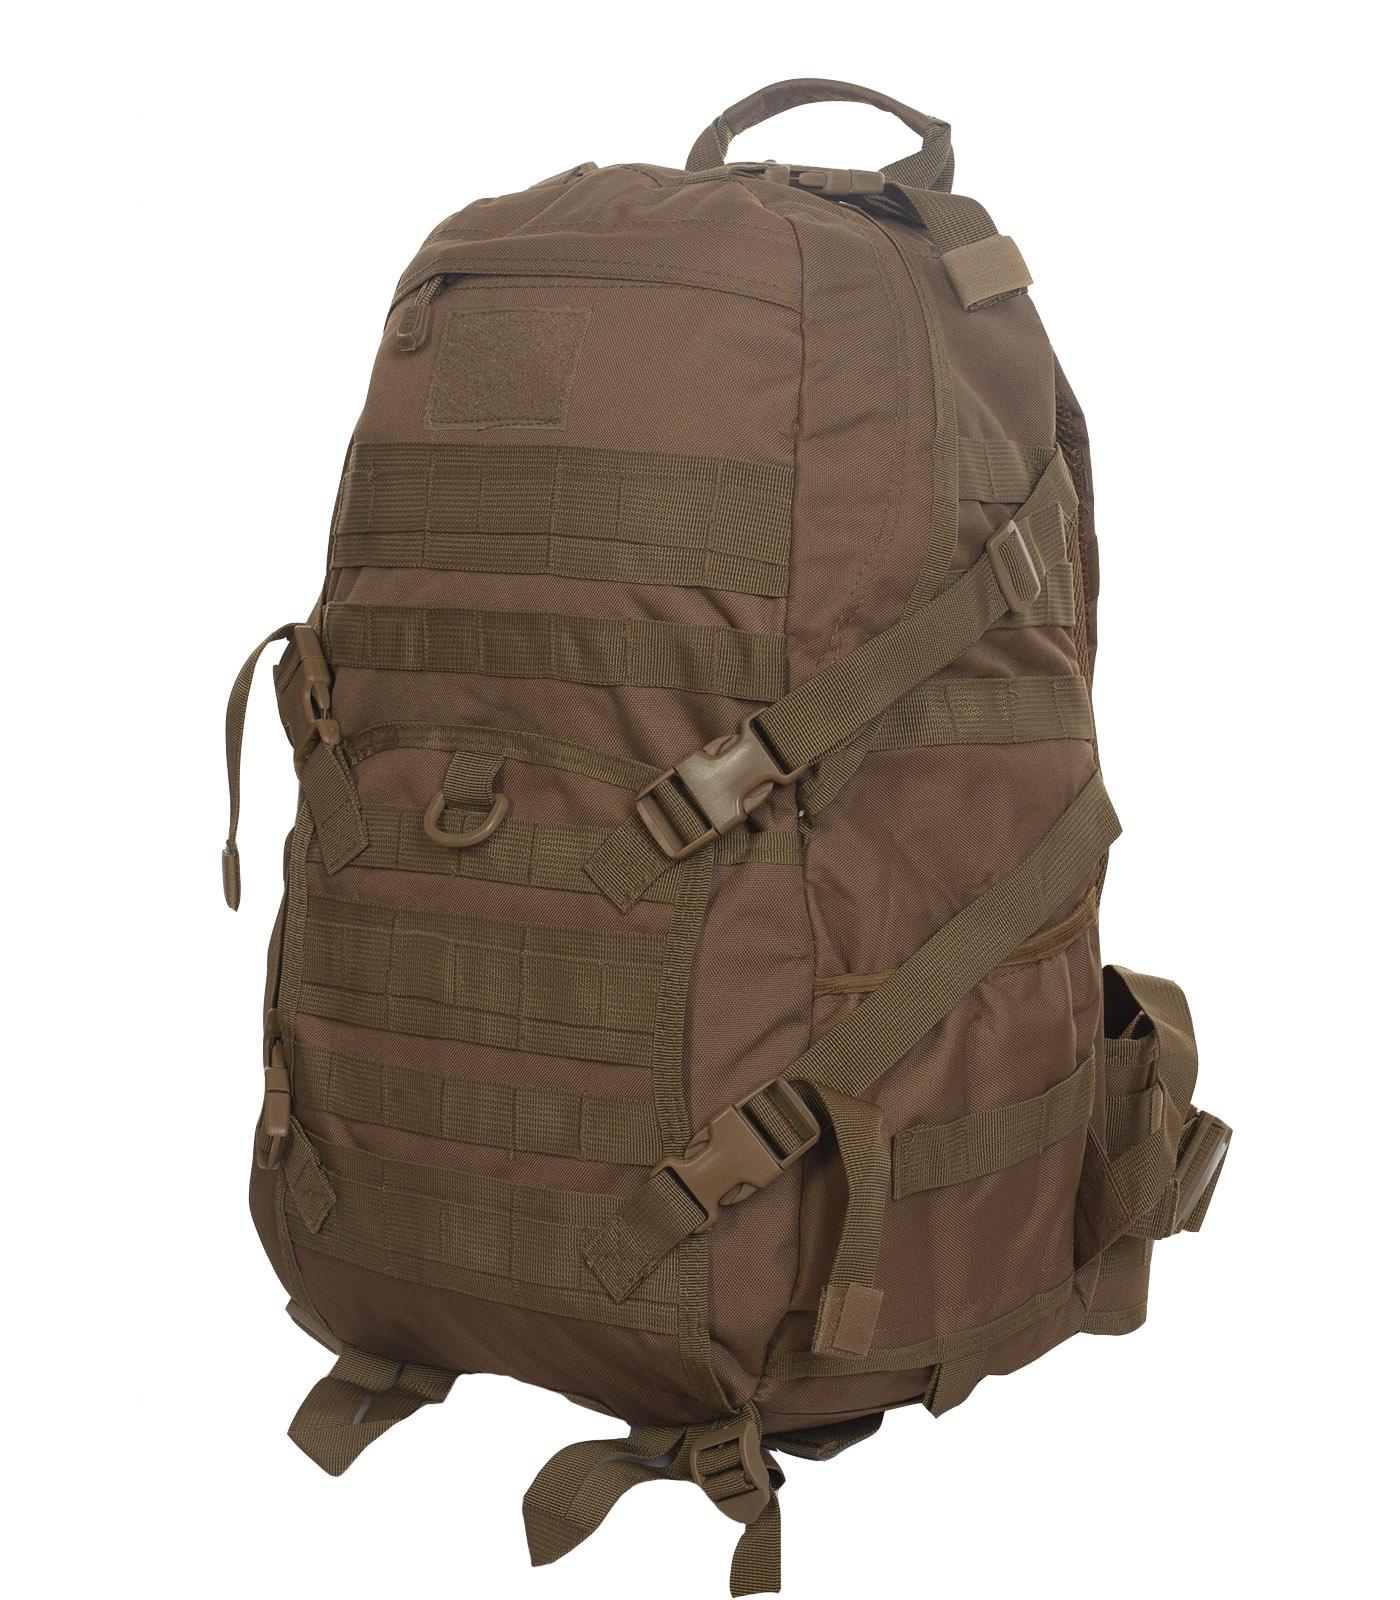 Компактный эргономичный рюкзак для охотников